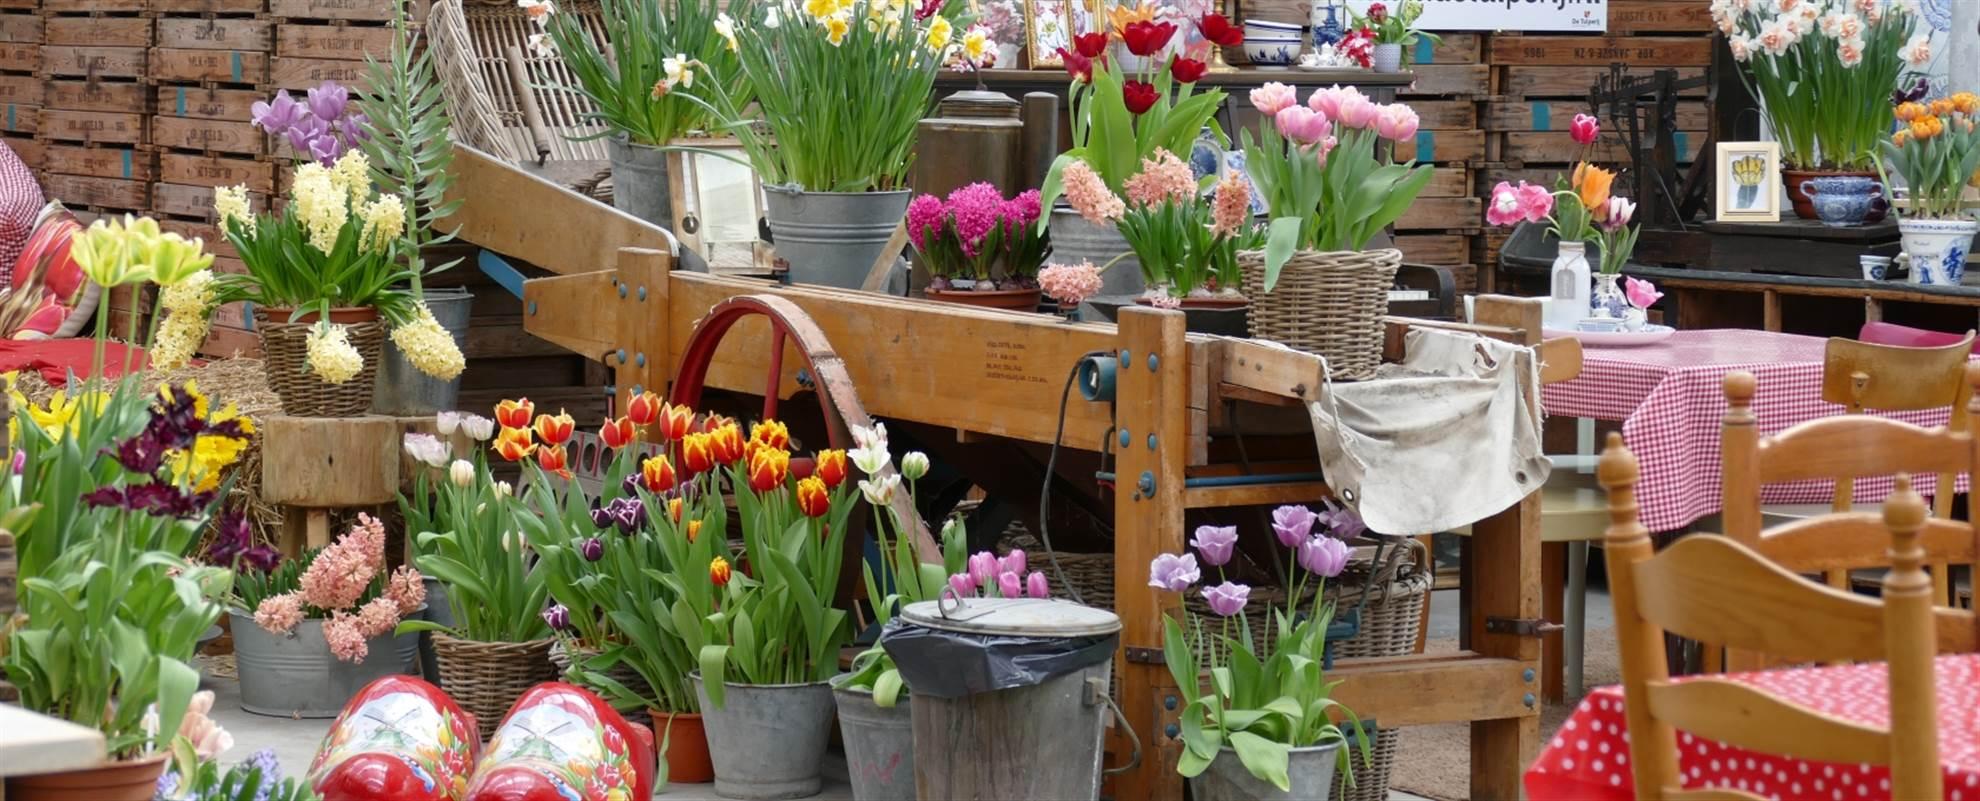 Keukenhof Garden & Flowerfields + visita ad una fattoria di tulipani (Attivo e Prenotabile)